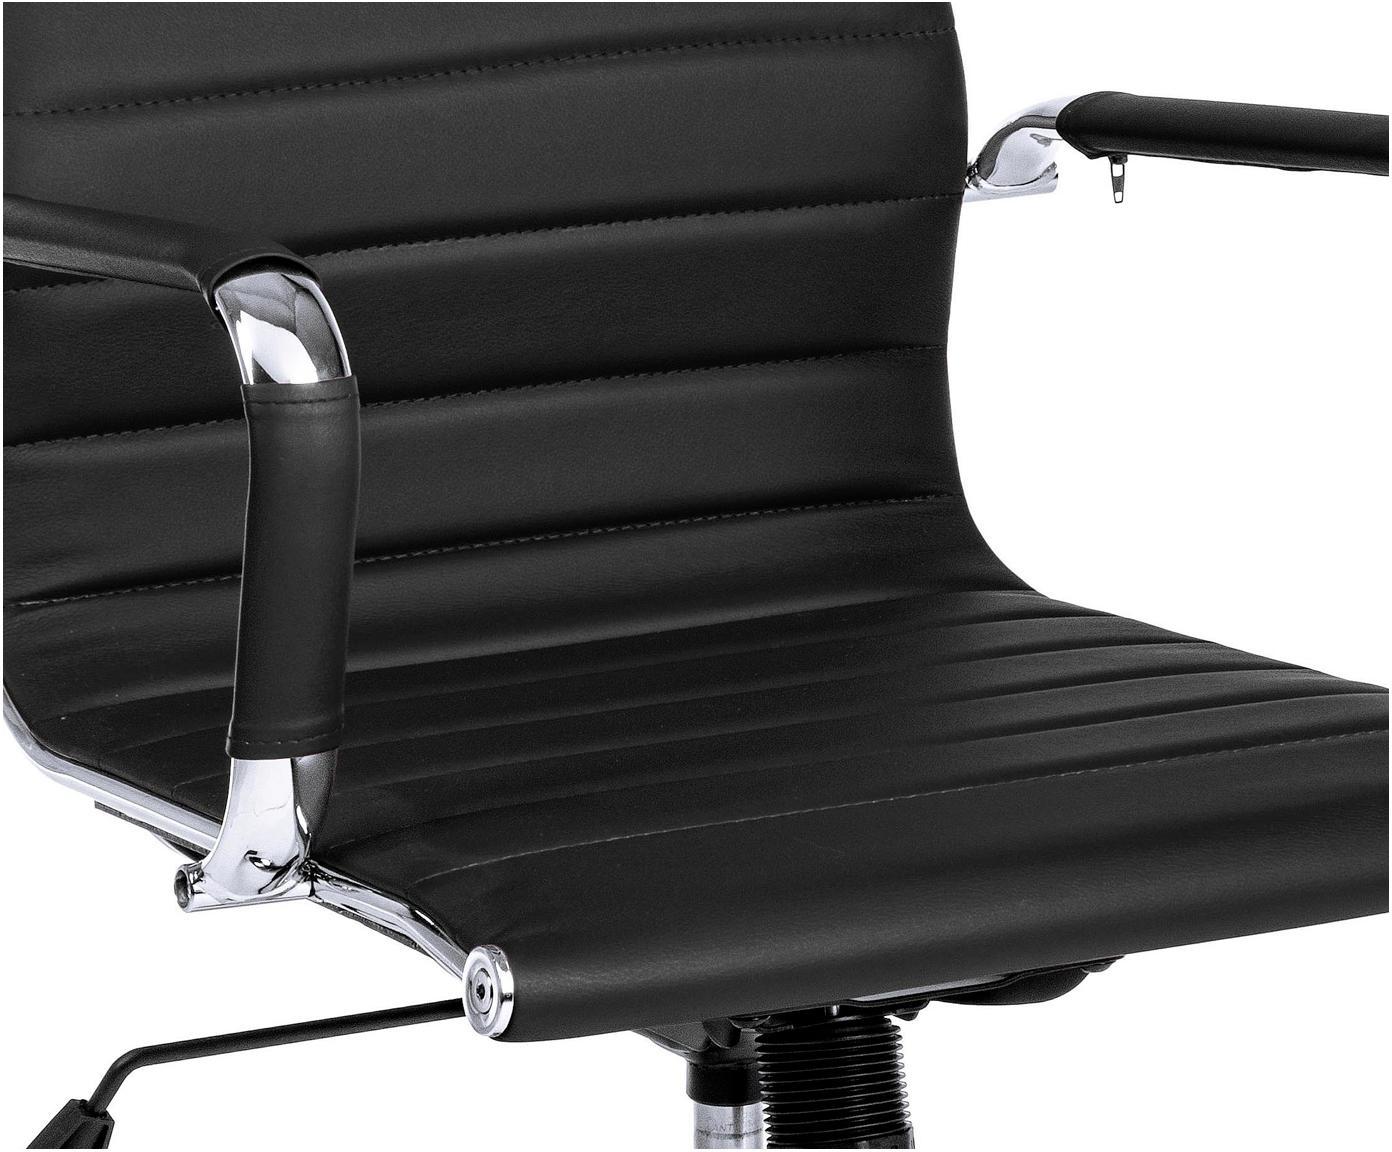 Biurowe krzesło obrotowe ze sztucznej skóry Praga, Stelaż: metal chromowany, Tapicerka: sztuczna skóra (poliureta, Czarny, S 59 x W 89 cm